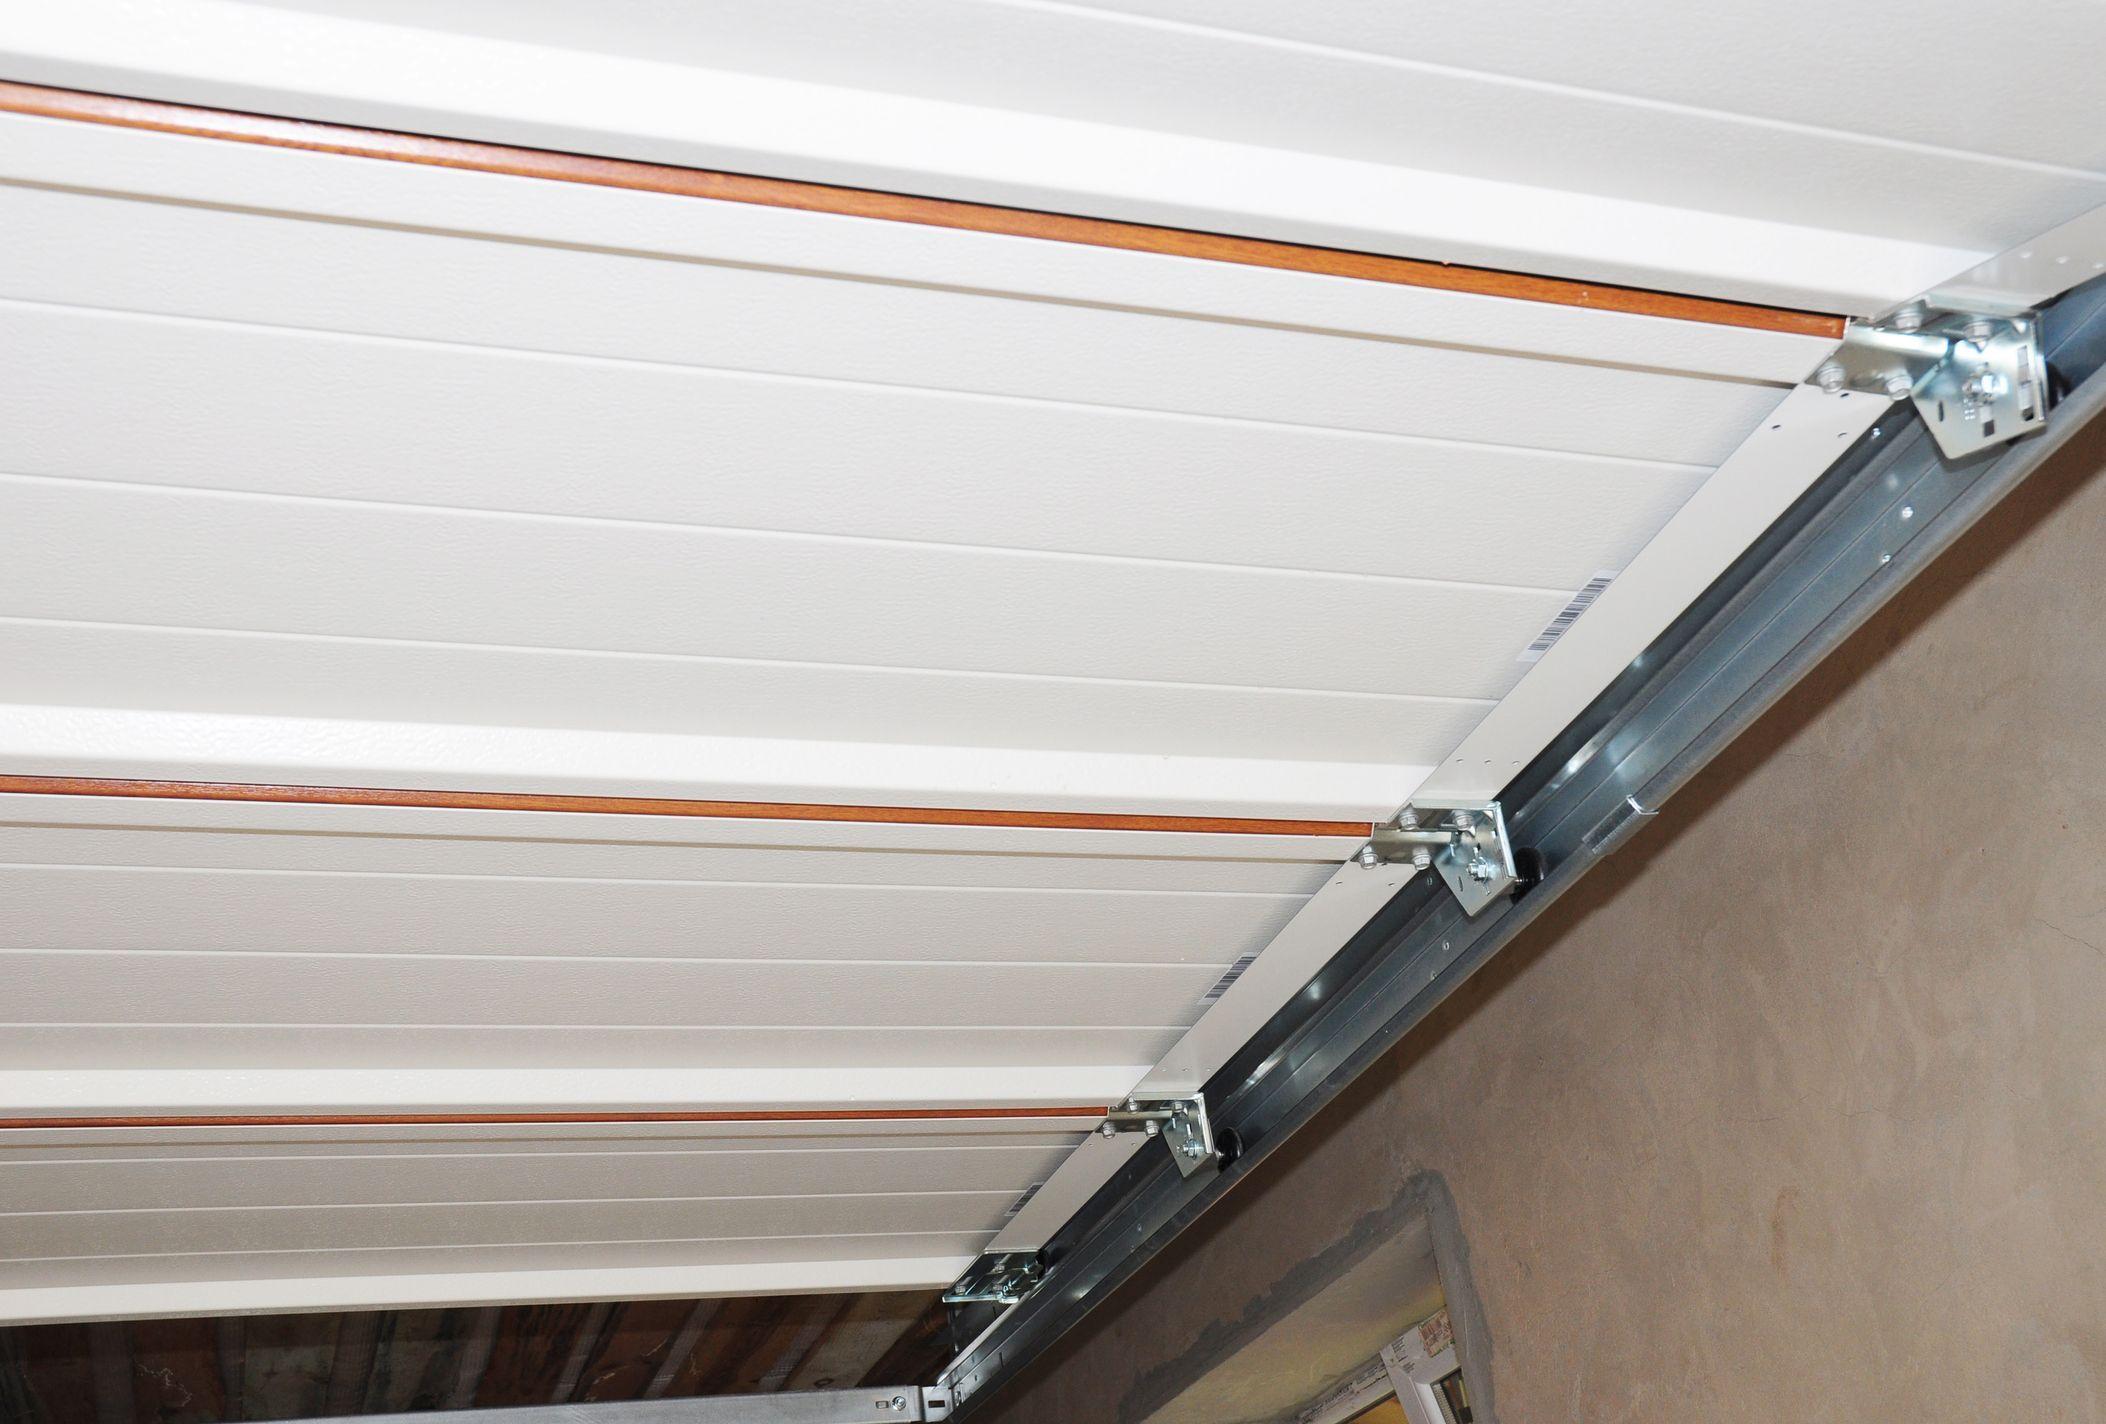 garage door overhead view of rollers on tracks